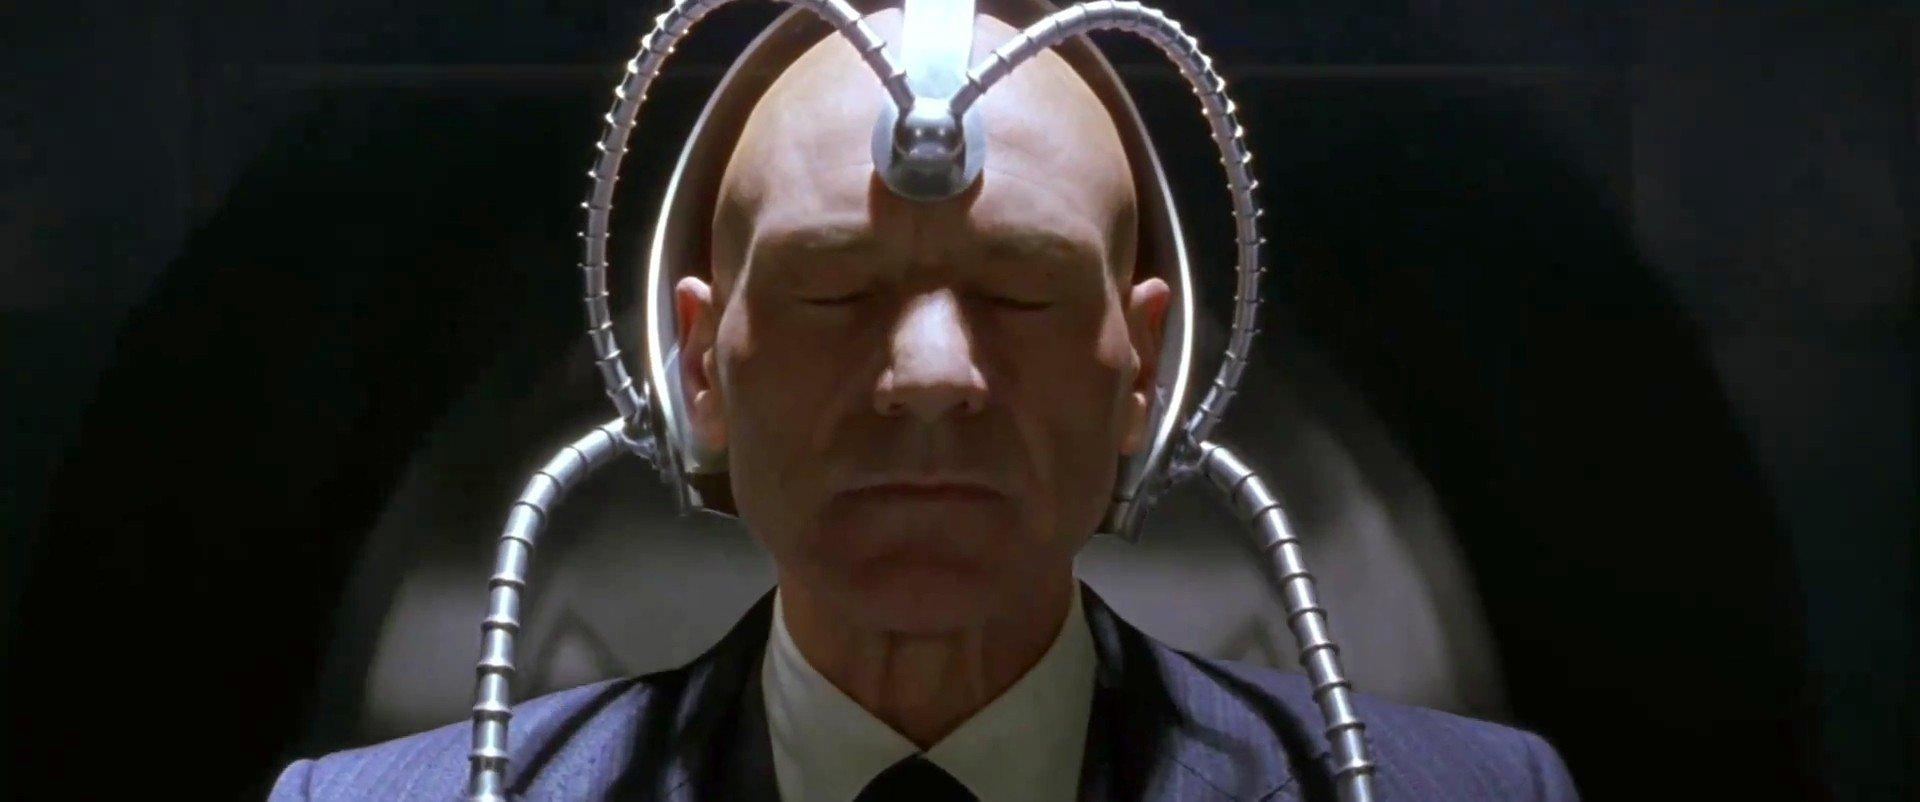 Transmissão de pensamento: comunicação pela mente pode virar realidade